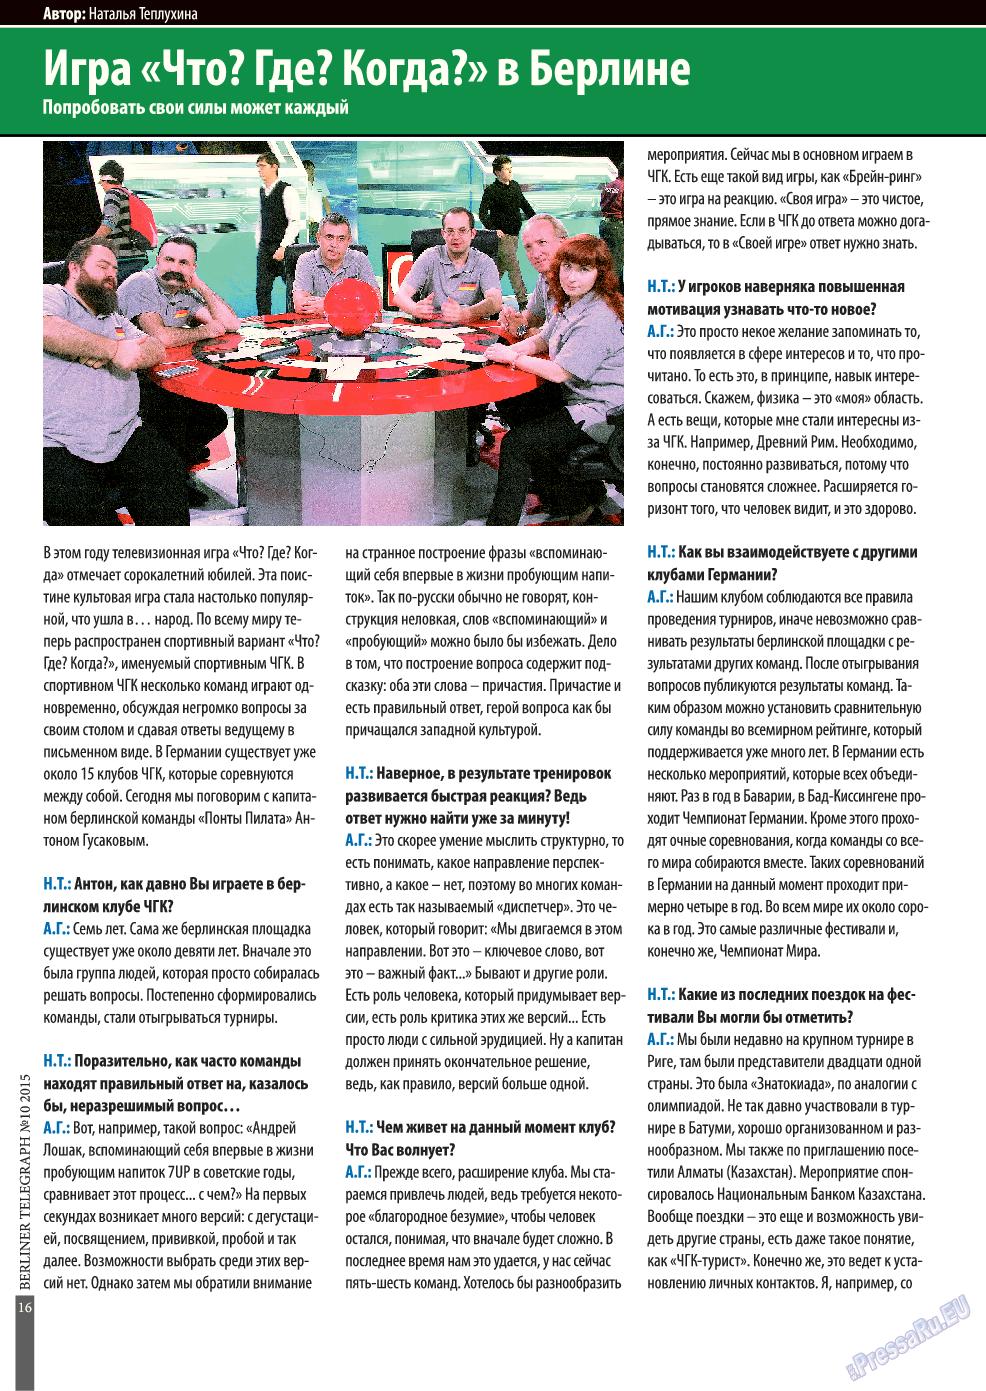 Берлинский телеграф (журнал). 2015 год, номер 11, стр. 16